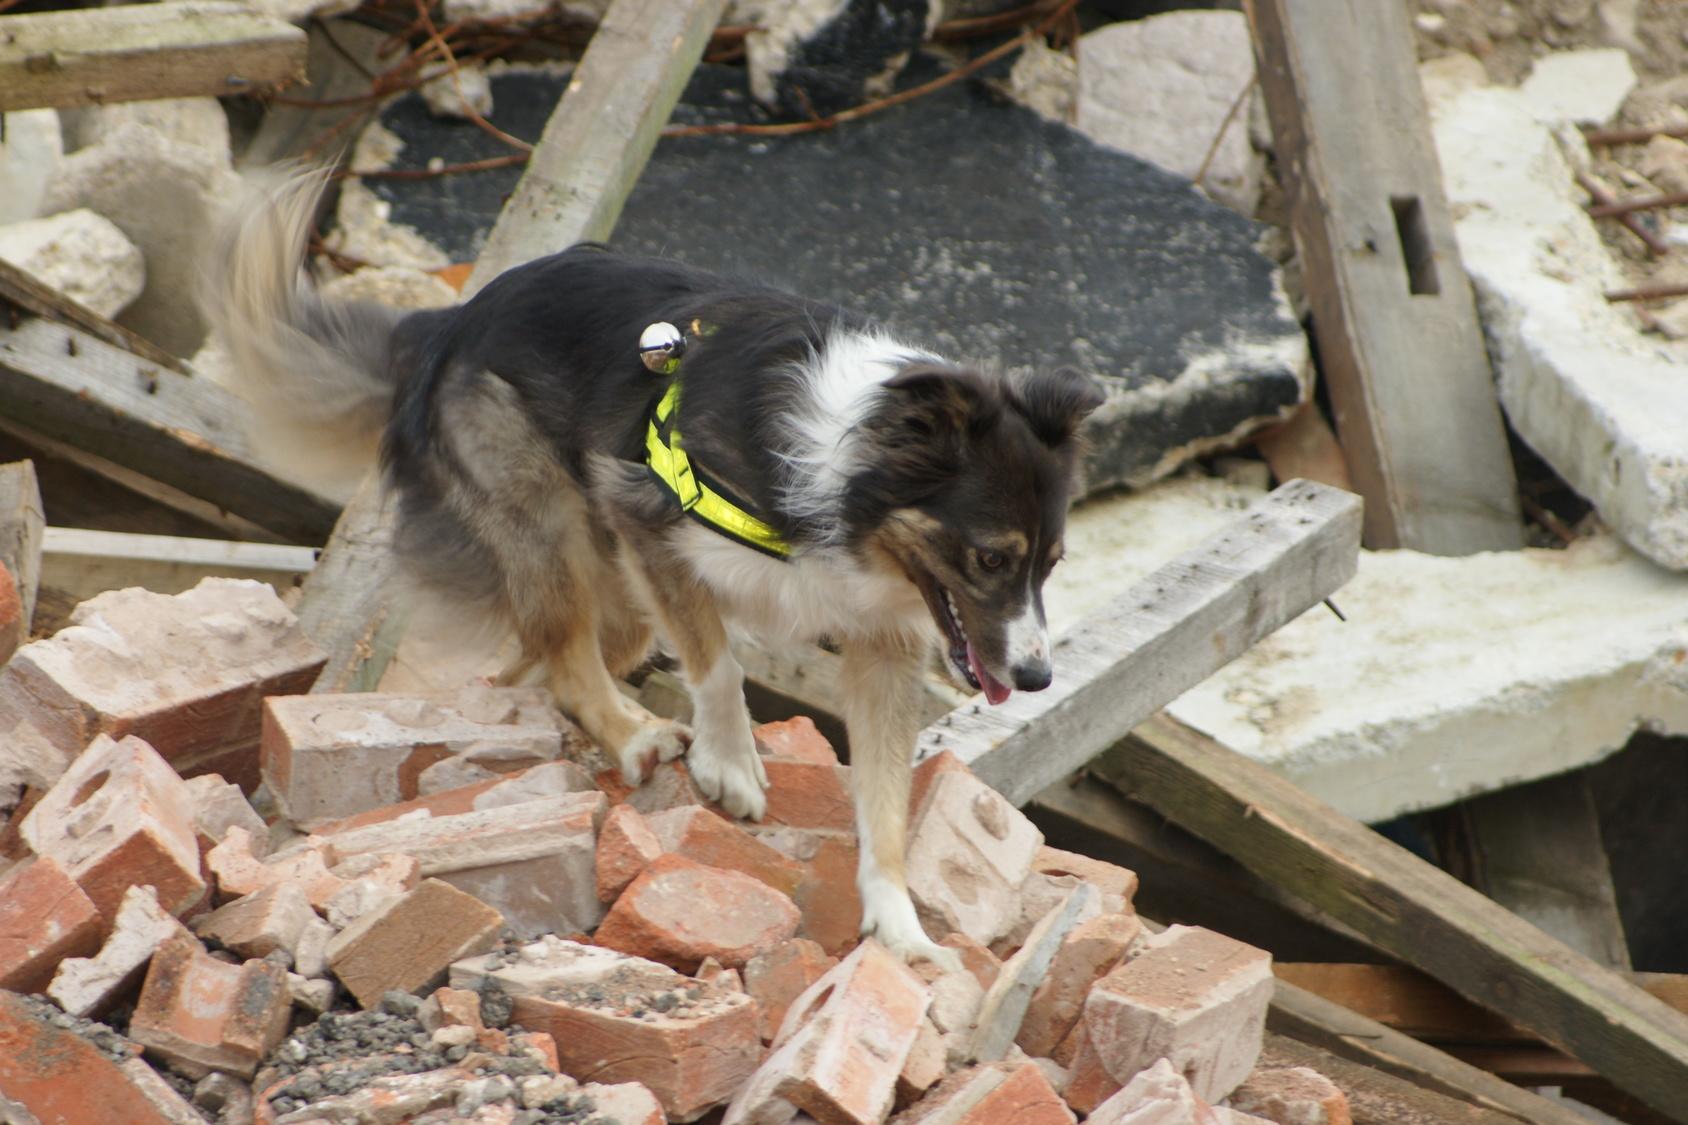 9月1日は防災の日。愛犬と避難するために備えておくべきグッズ